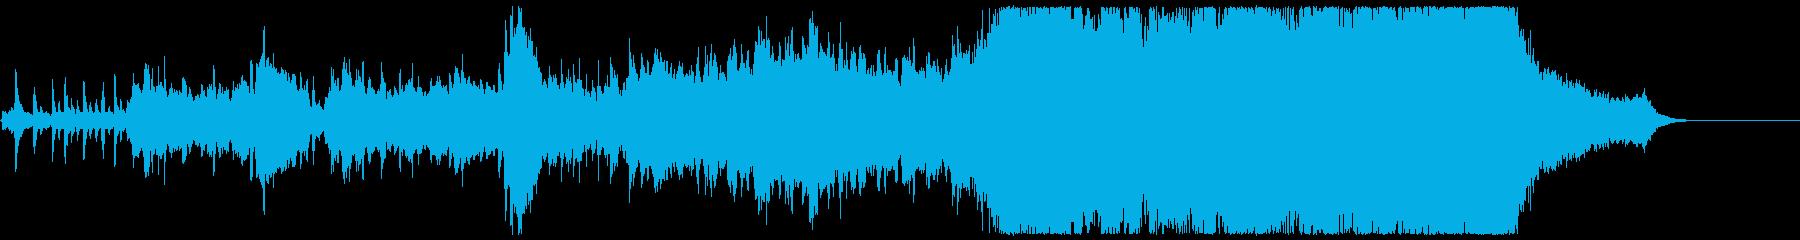 【1分版】アップテンポな壮大ポップオーケの再生済みの波形